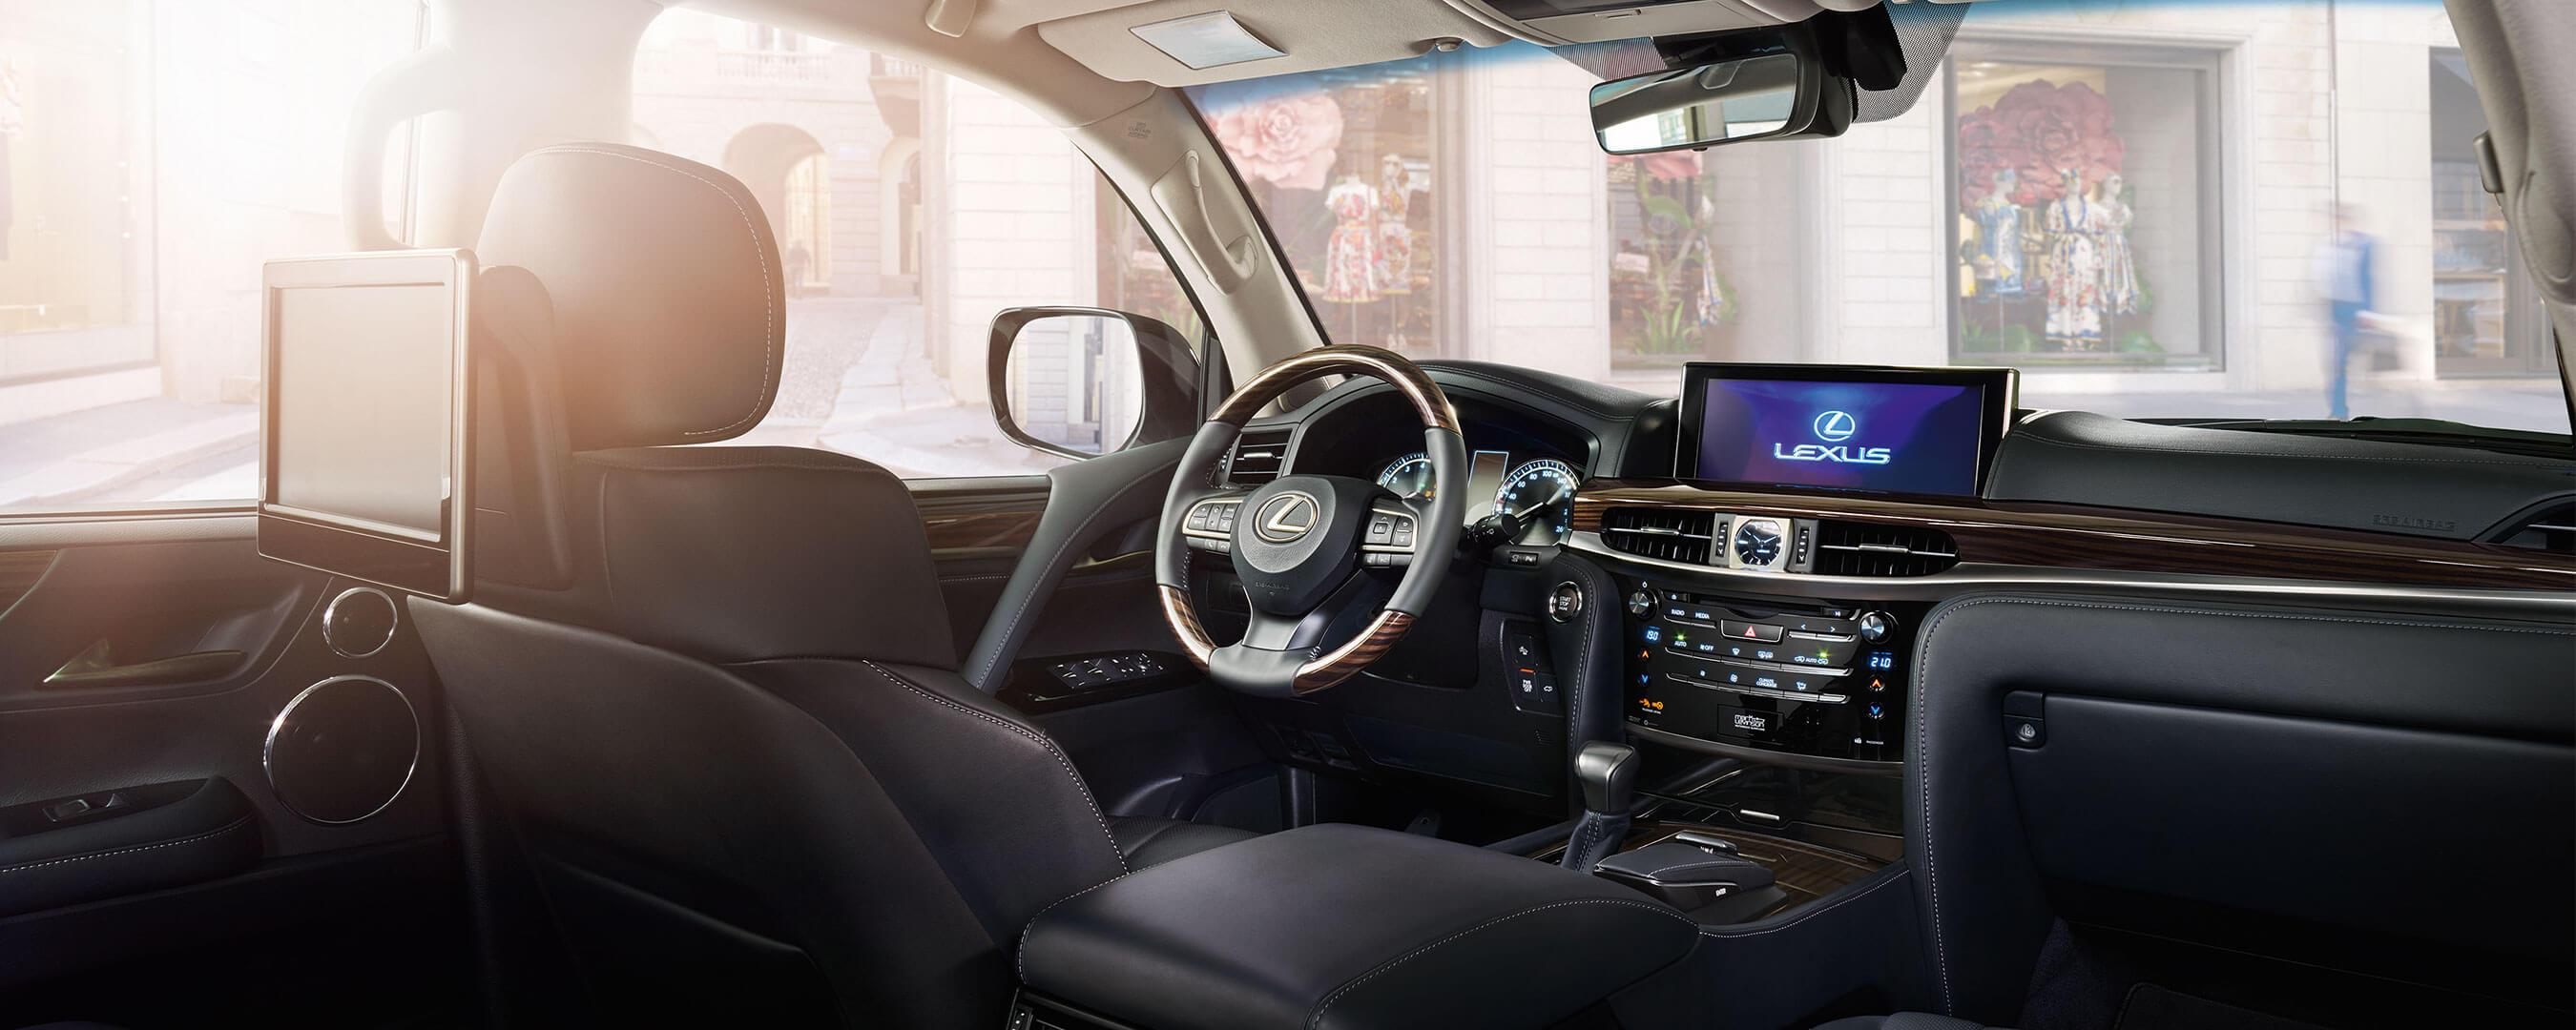 2018 lexus lx 570 experience hero interior front